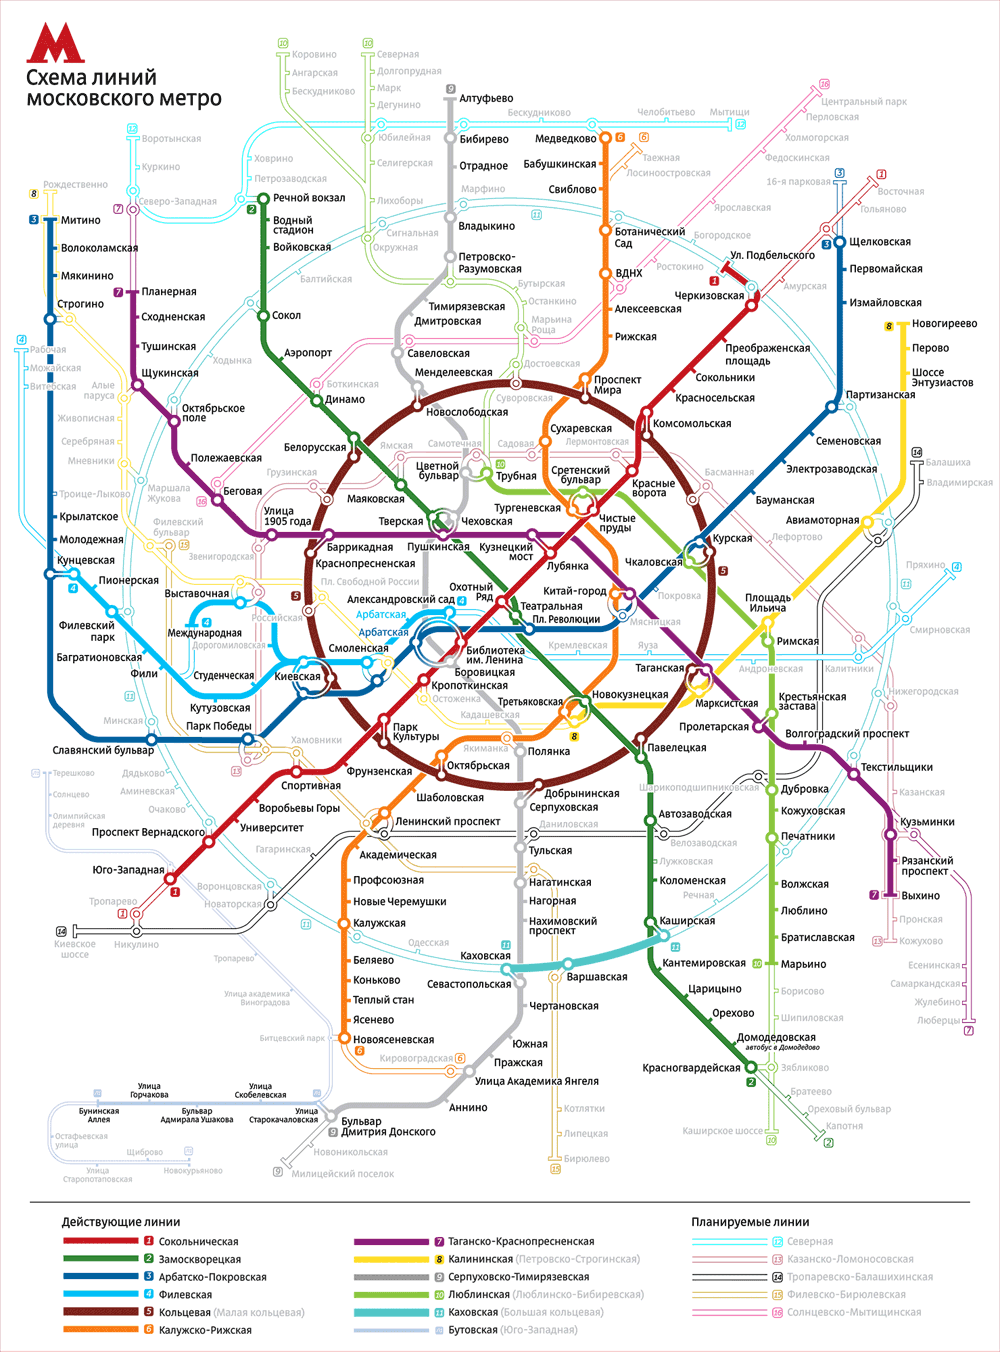 Про новое 4-полосное шоссе говорить пока рано, но в... Москва утвердила план развития метро до 2025 года.